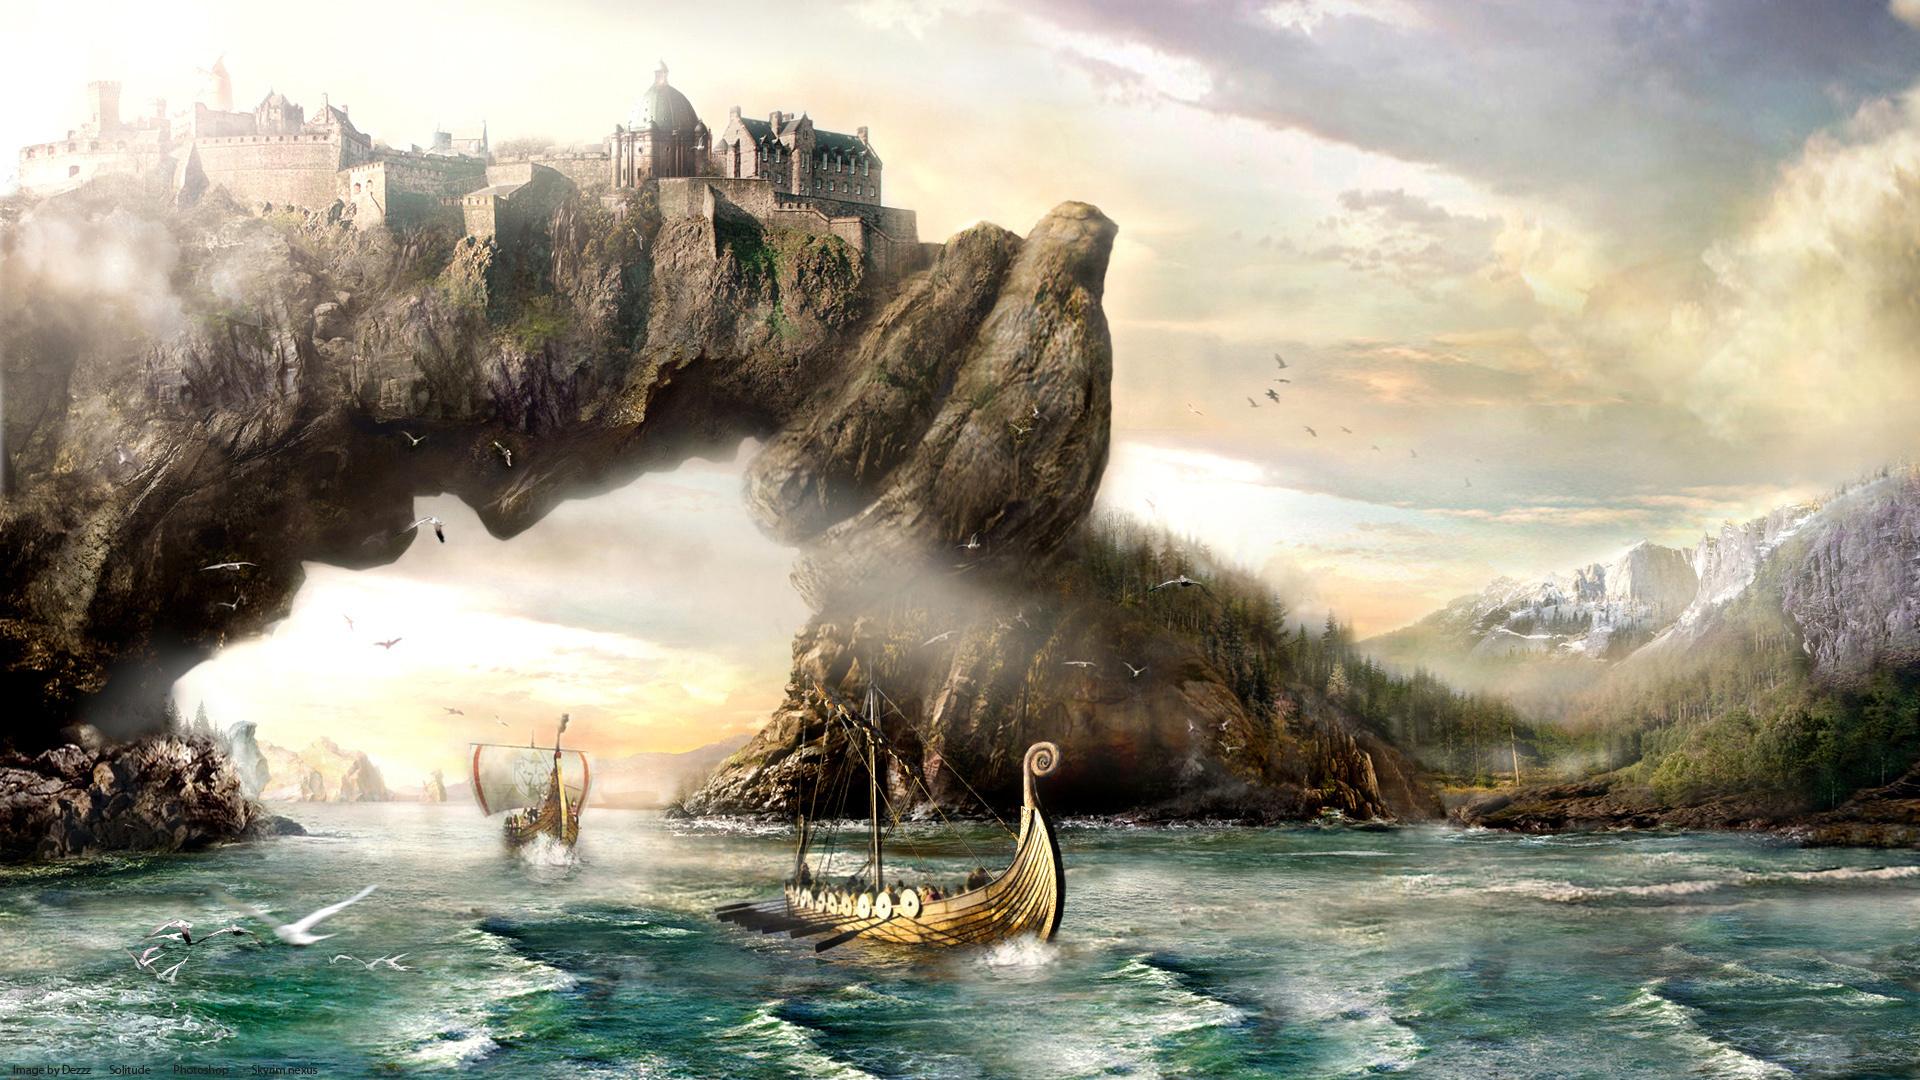 Fantasy Art Vikings Sailing Boats Ships Landscapes Paintings Mountains Wallpaper